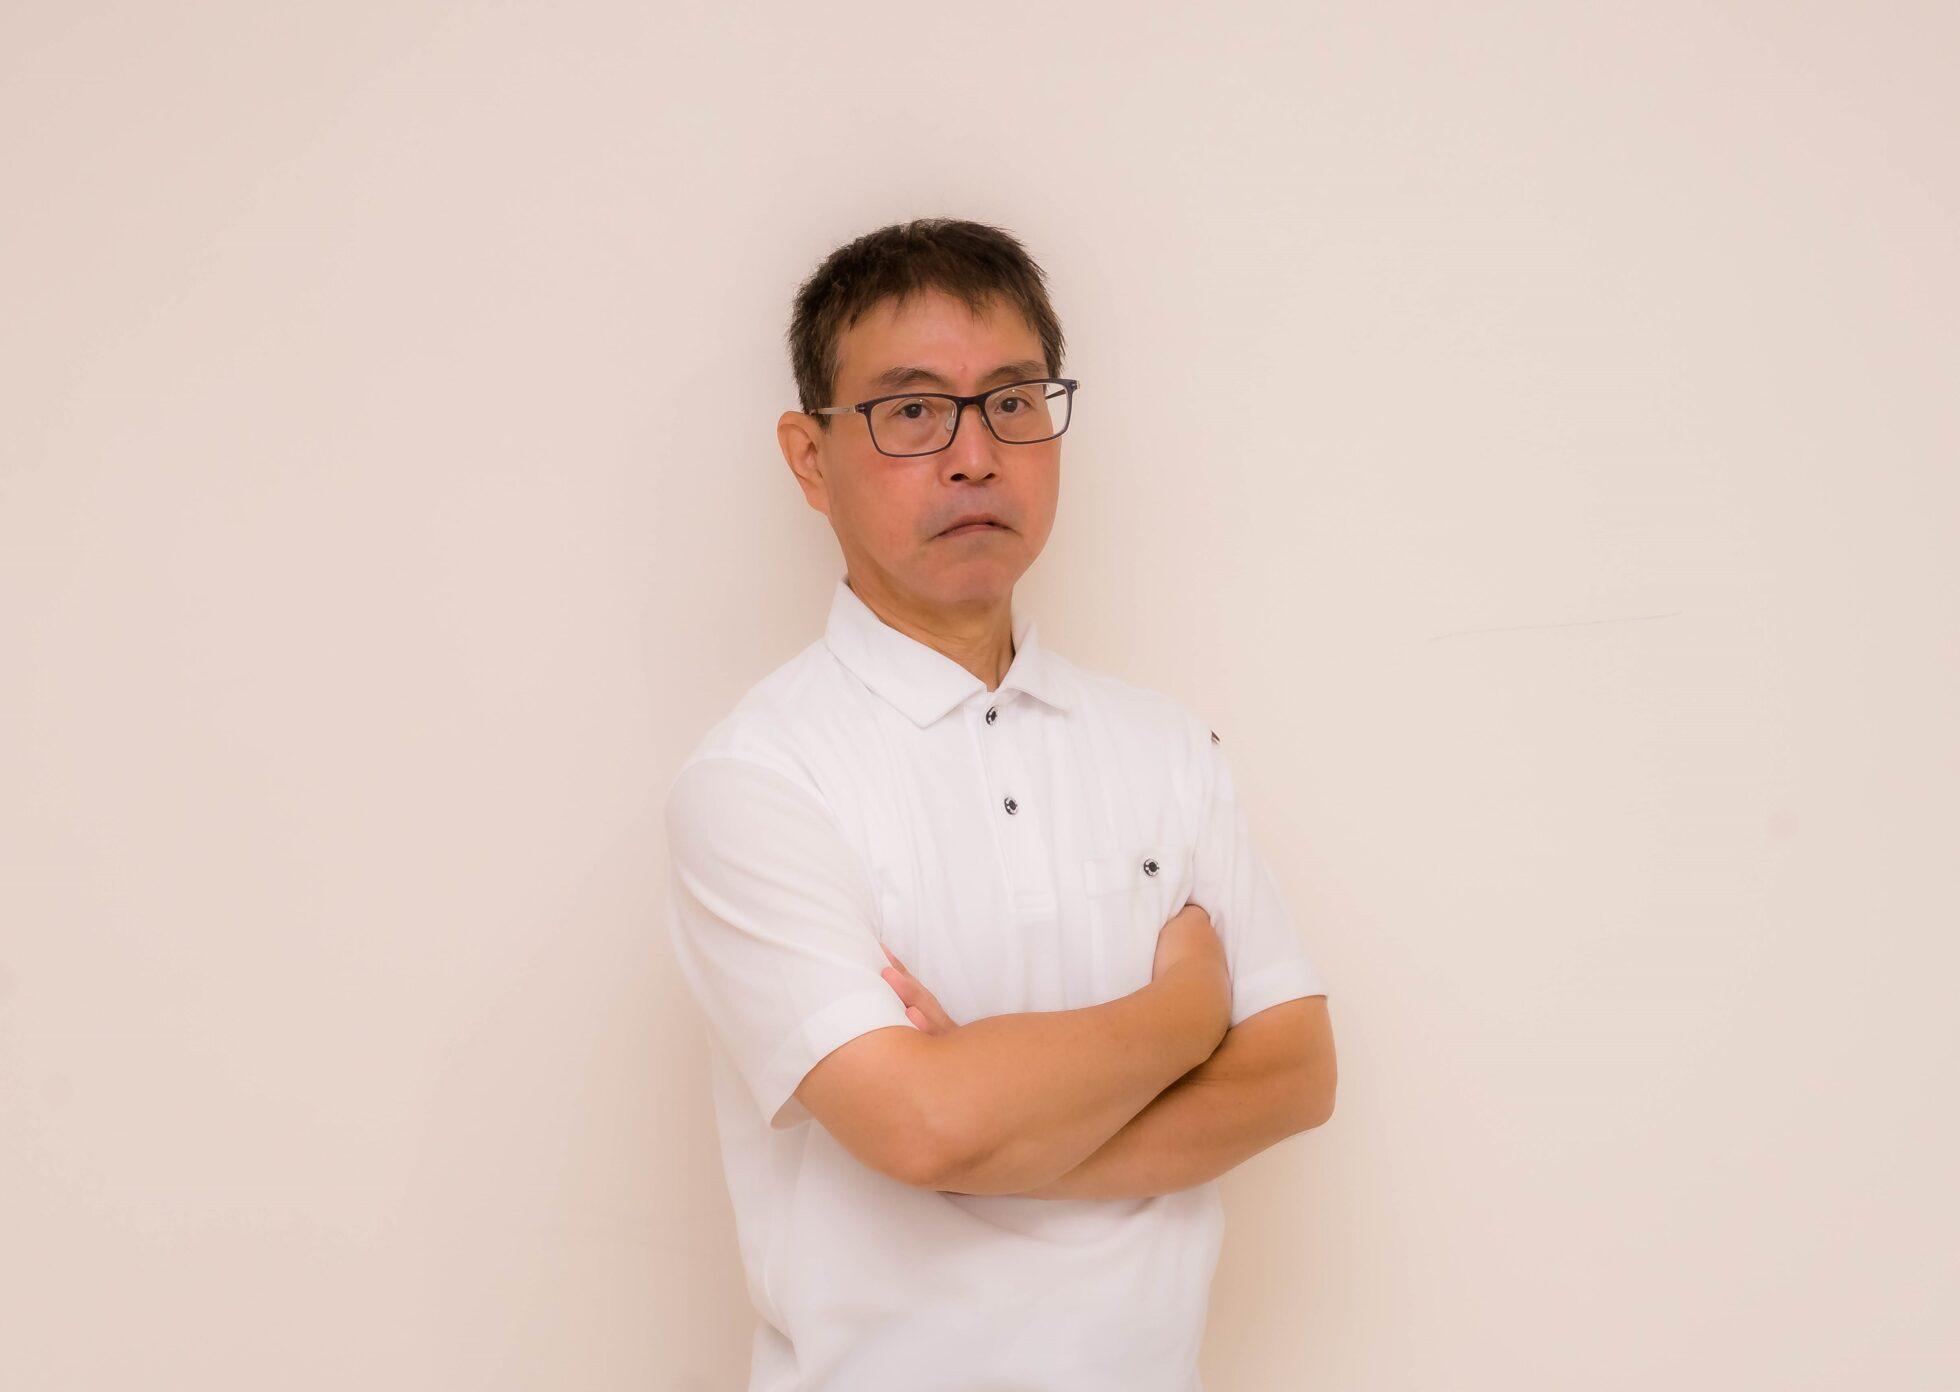 「南野 勝一(みなみの しょういち)」の顔写真